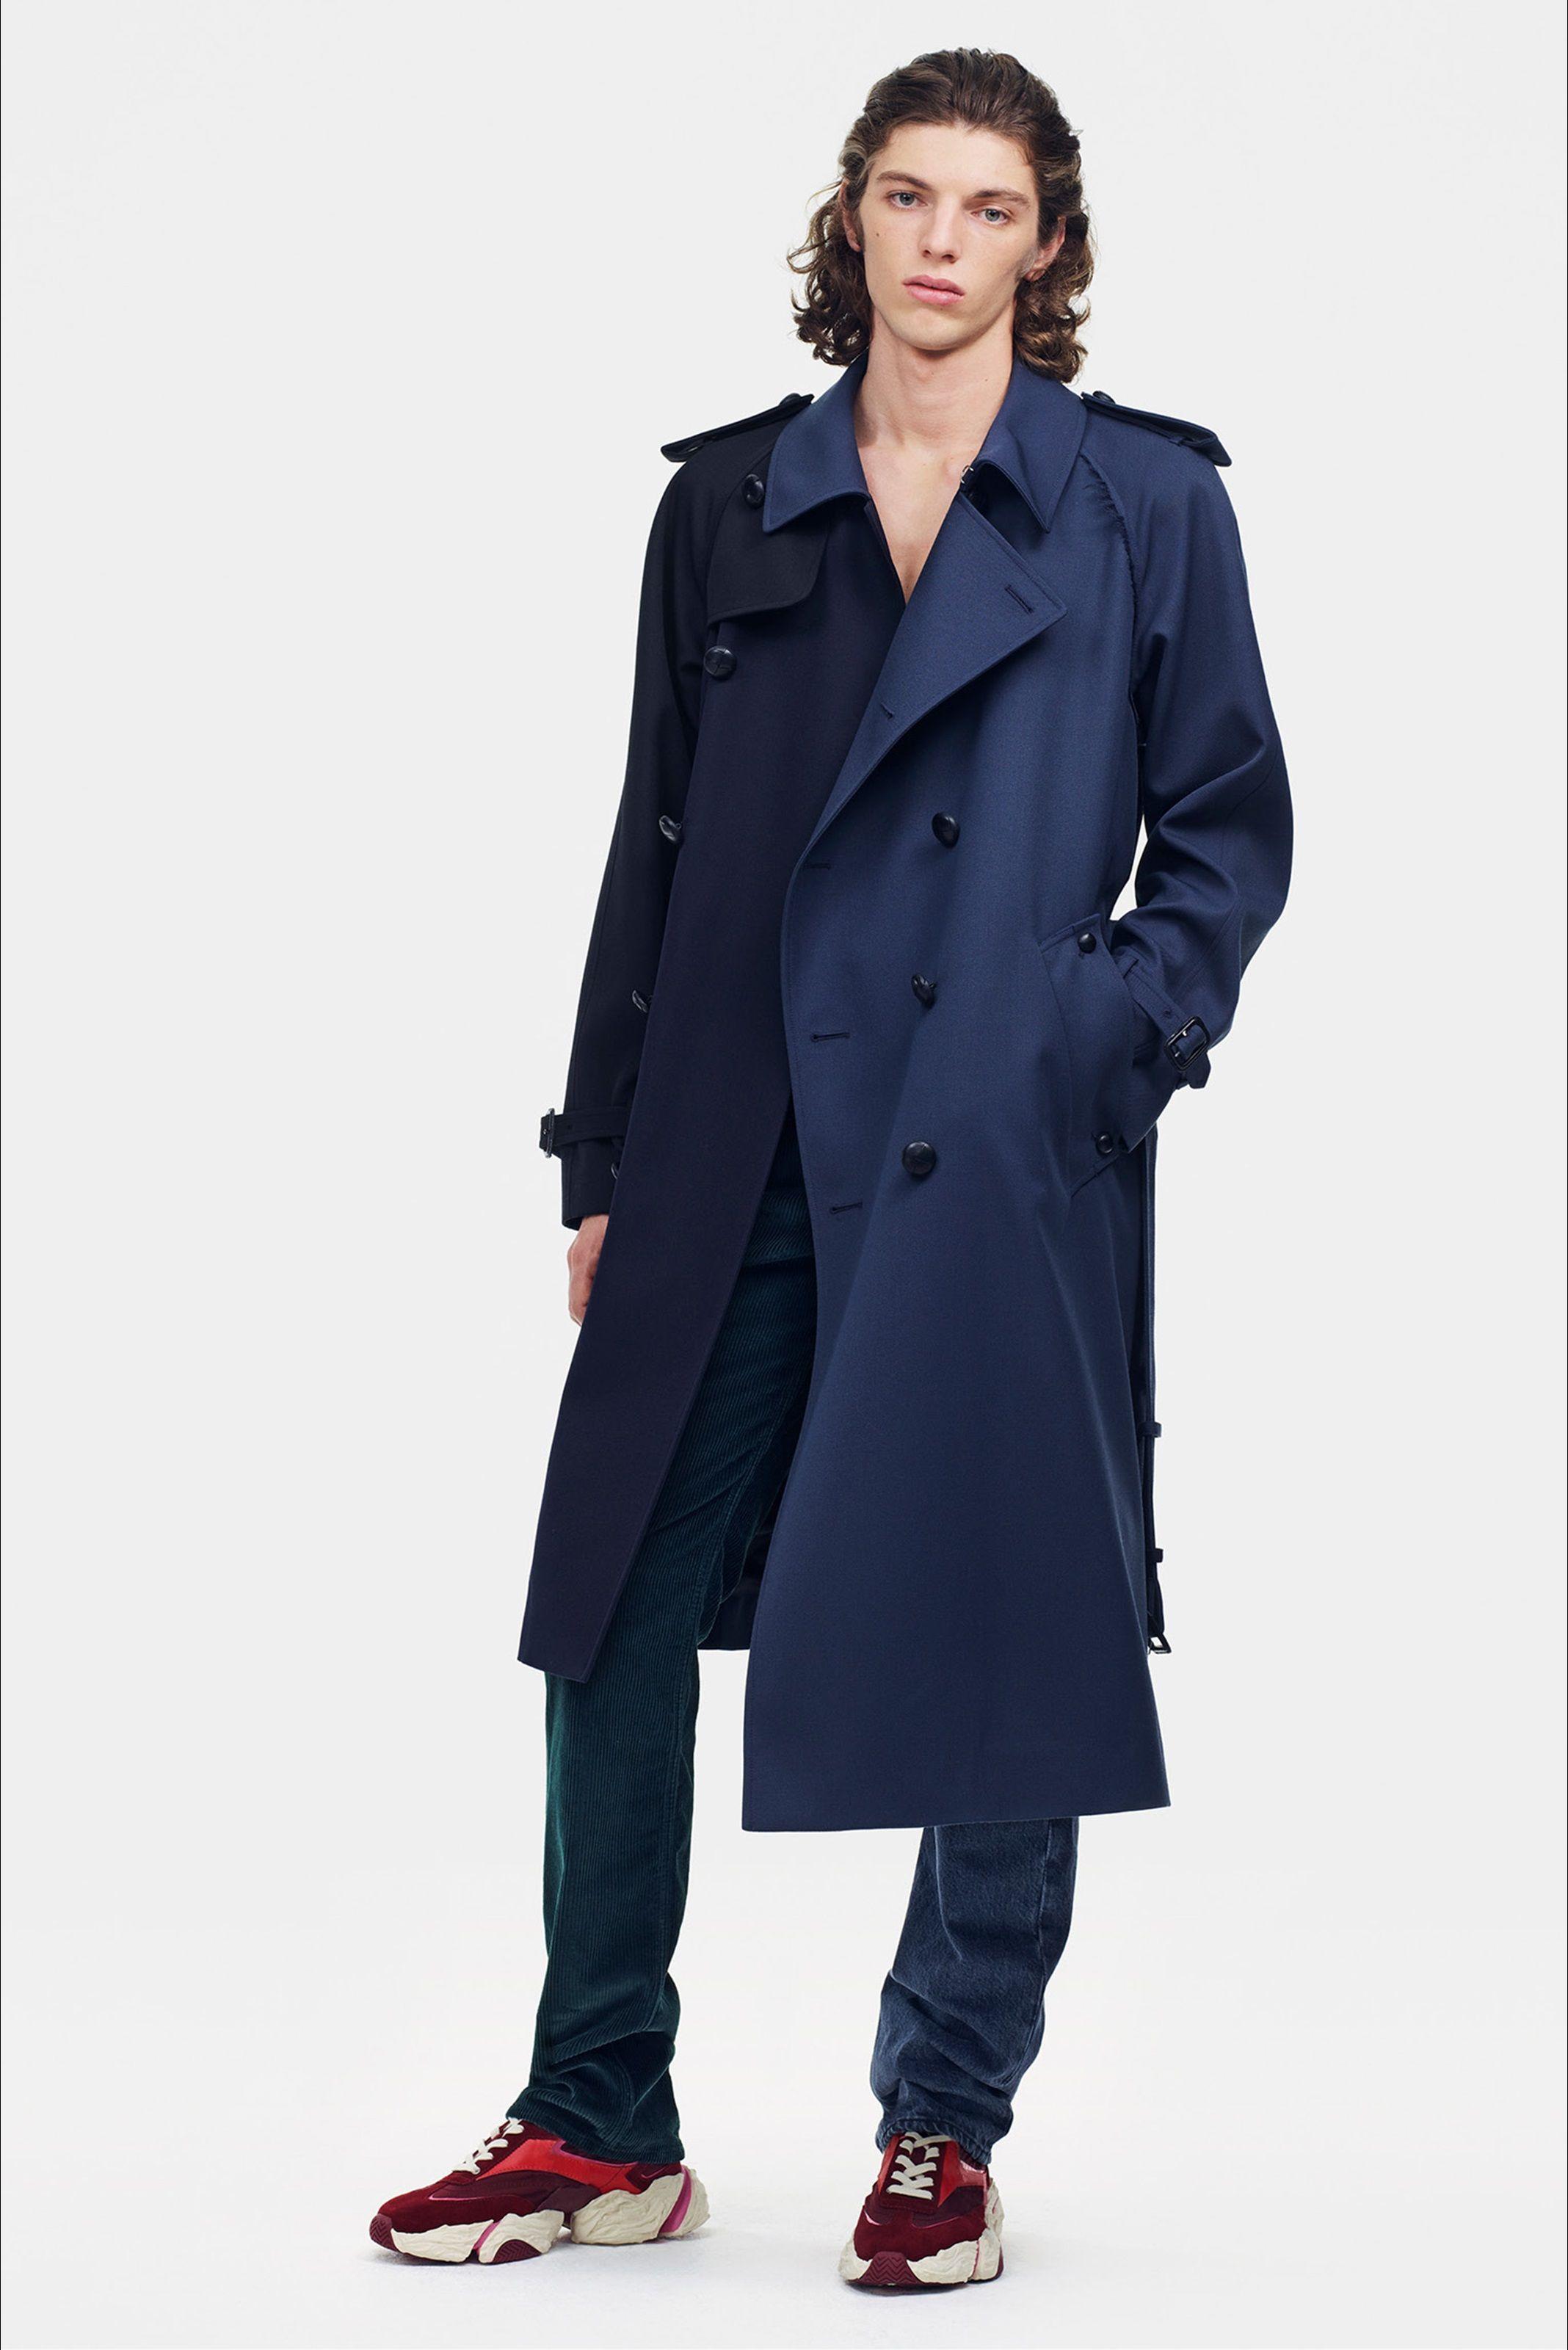 c1889a02ed2f Sfilata Calvin Klein 205W39NYC Parigi - Pre-Collezioni Autunno-Inverno  2019-20 -